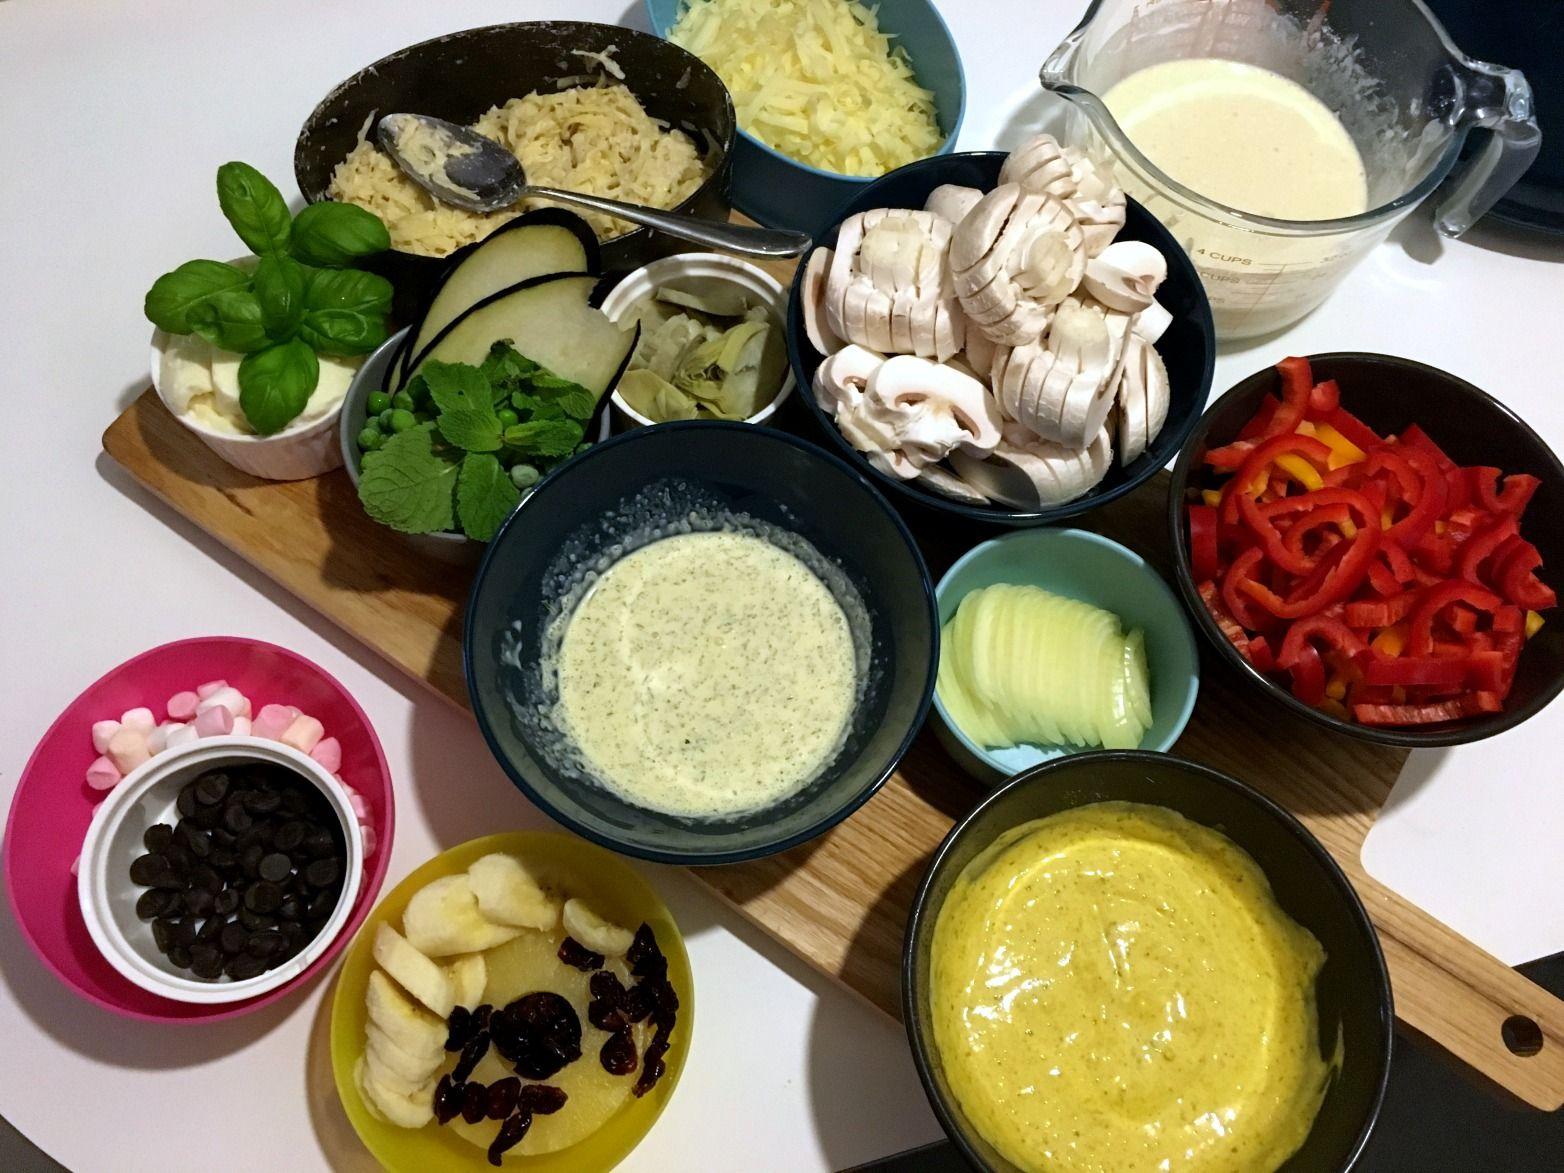 Gourmet ideeën: 10 lekkere gerechten om te proberen